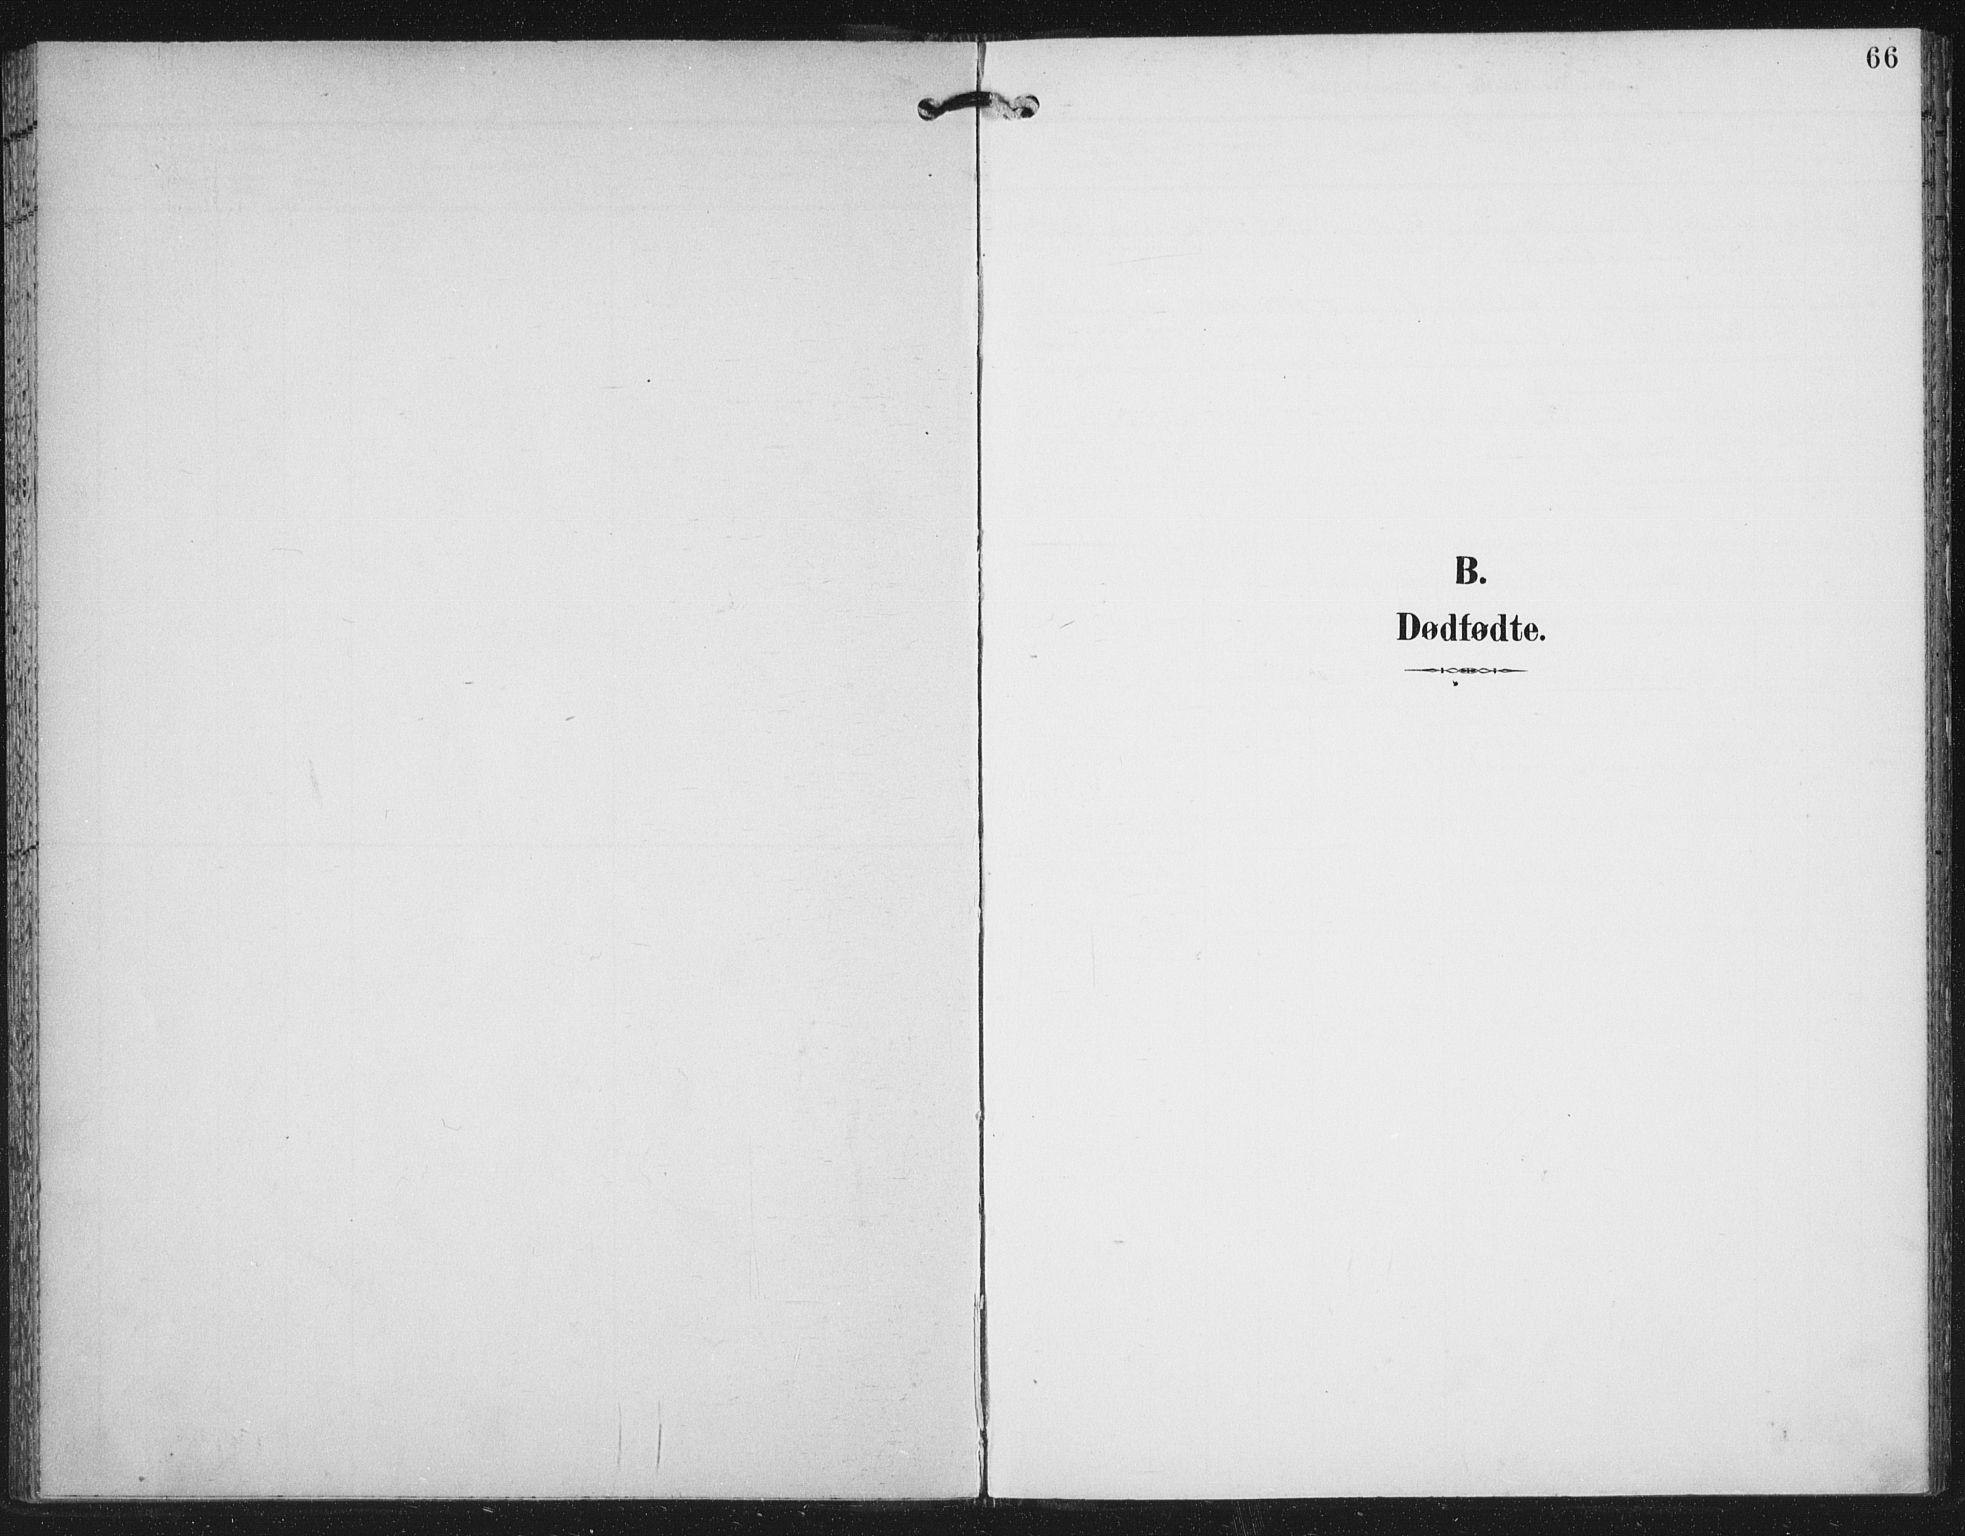 SAT, Ministerialprotokoller, klokkerbøker og fødselsregistre - Nord-Trøndelag, 702/L0024: Parish register (official) no. 702A02, 1898-1914, p. 66